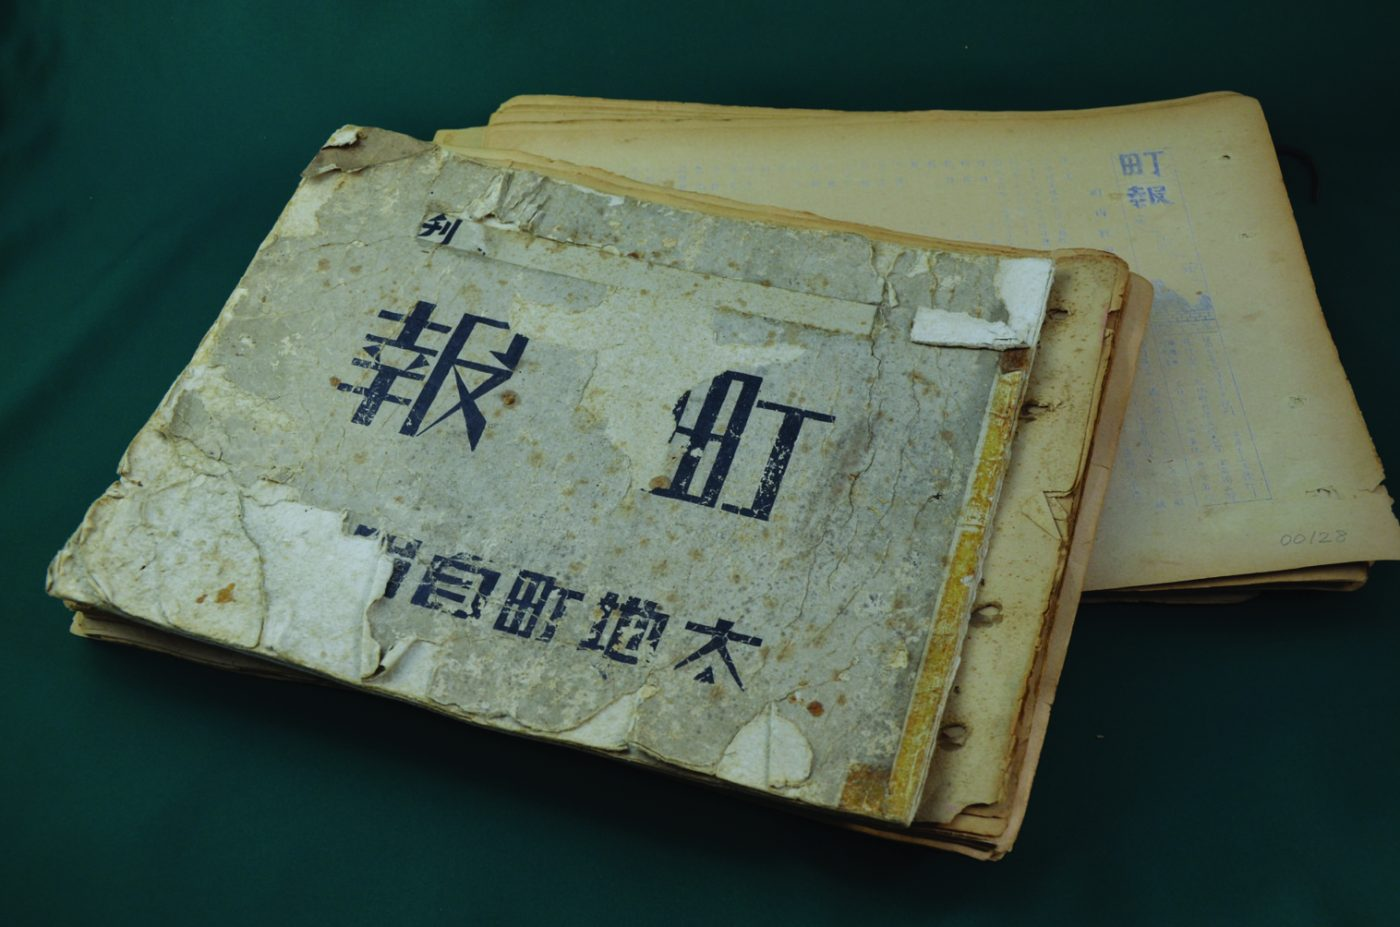 『町報』と『町報海外号』 太地町歴史資料室蔵